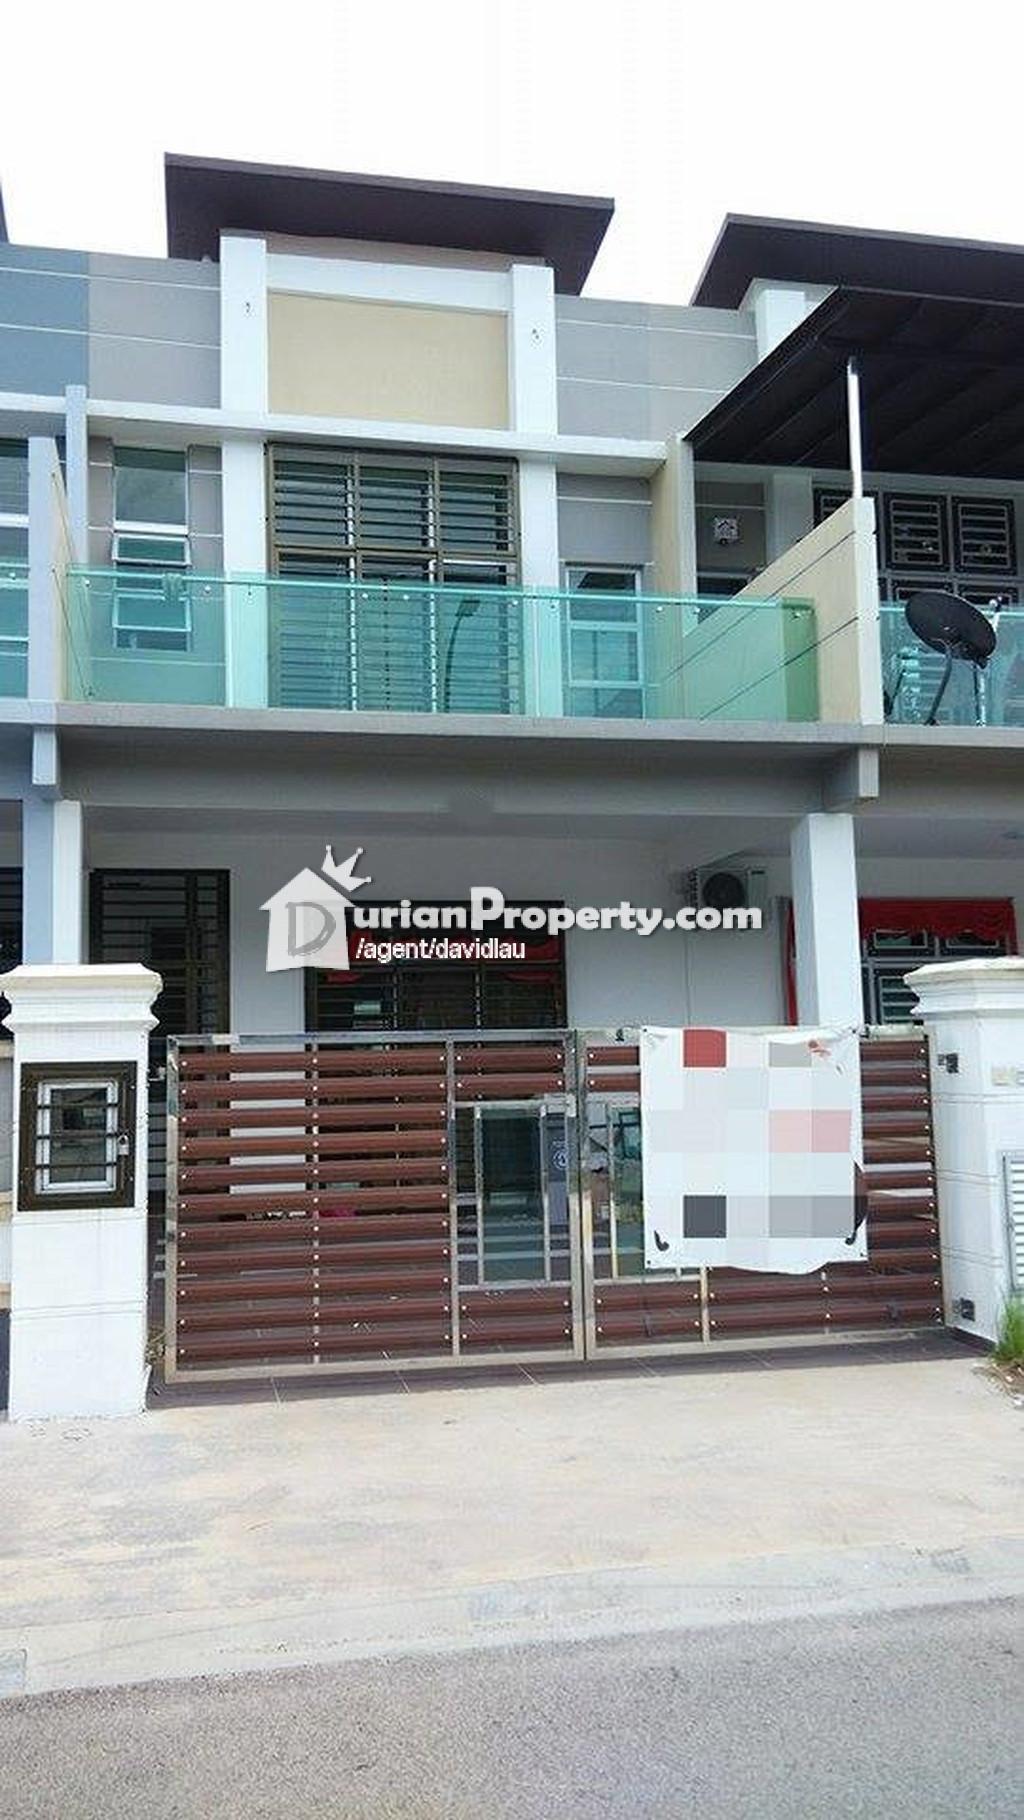 Terrace house for sale at la garden johor bahru for rm for Home design johor bahru